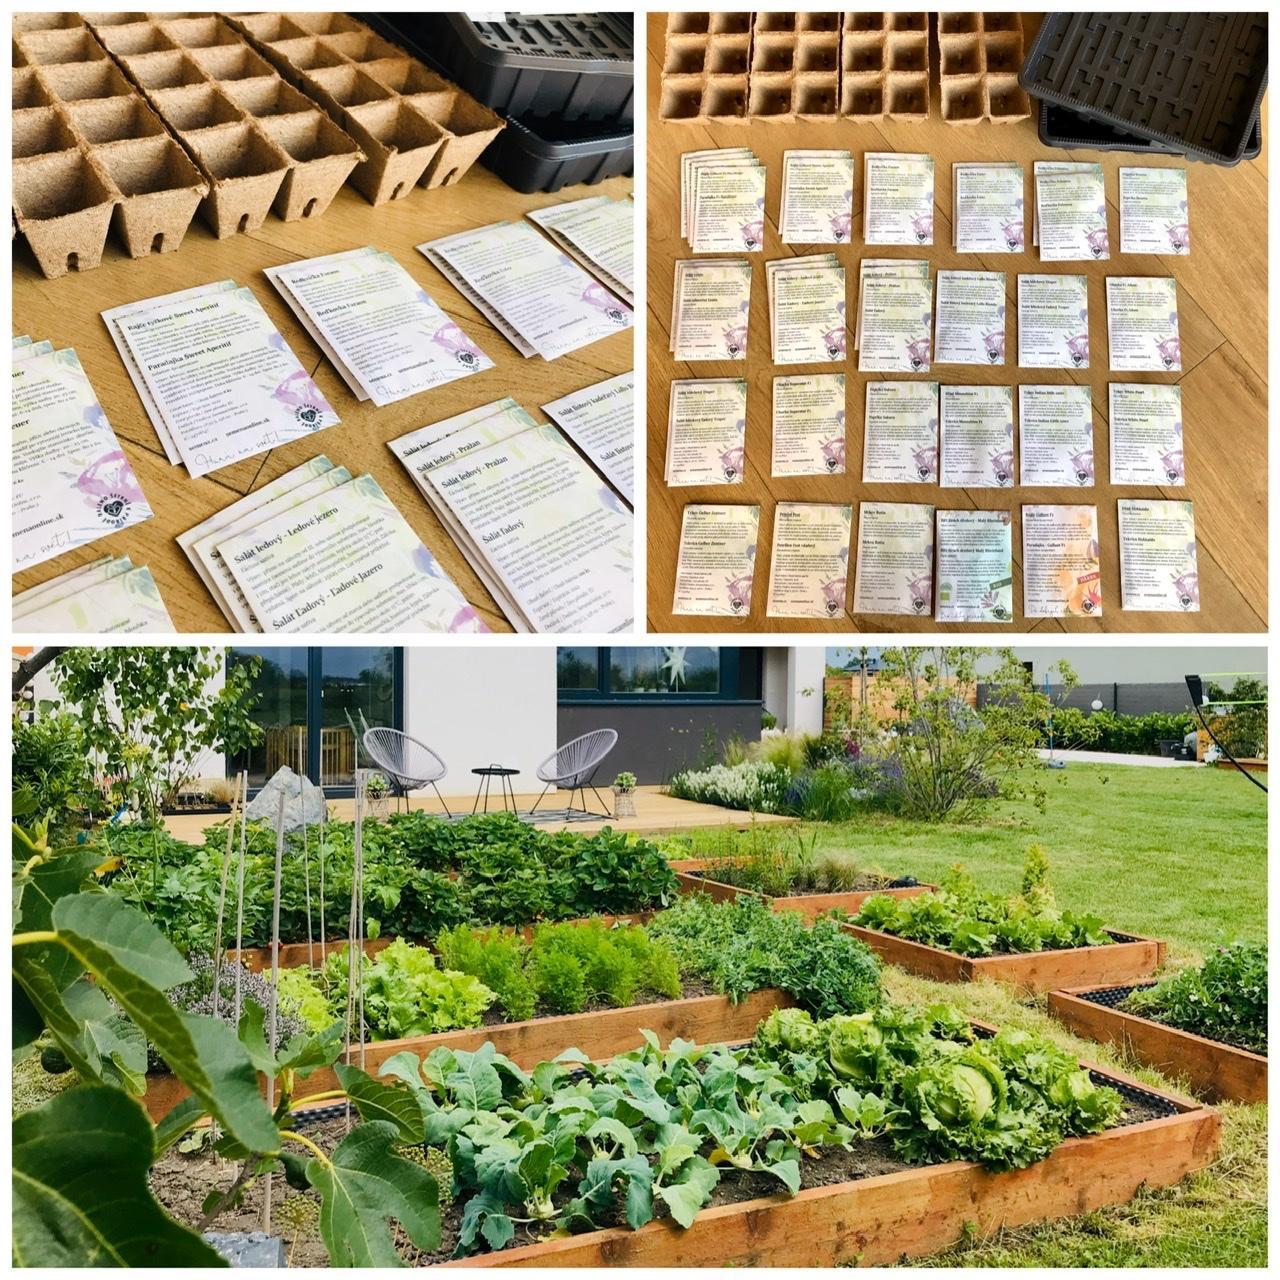 Naše L-ko - 2021 - stále dokončujeme - Semienka  nakúpené  a prvé už v zemi doma v teple :)) budu domáce planty. Teším sa už na to hrabanie sa v zemi a pestovanie šalátov, rajčín.... Dnes zryľovaná prvá hriadka v zvýšených záhonoch, cez víkend pojde prvá minivárka hrášku do zeme.